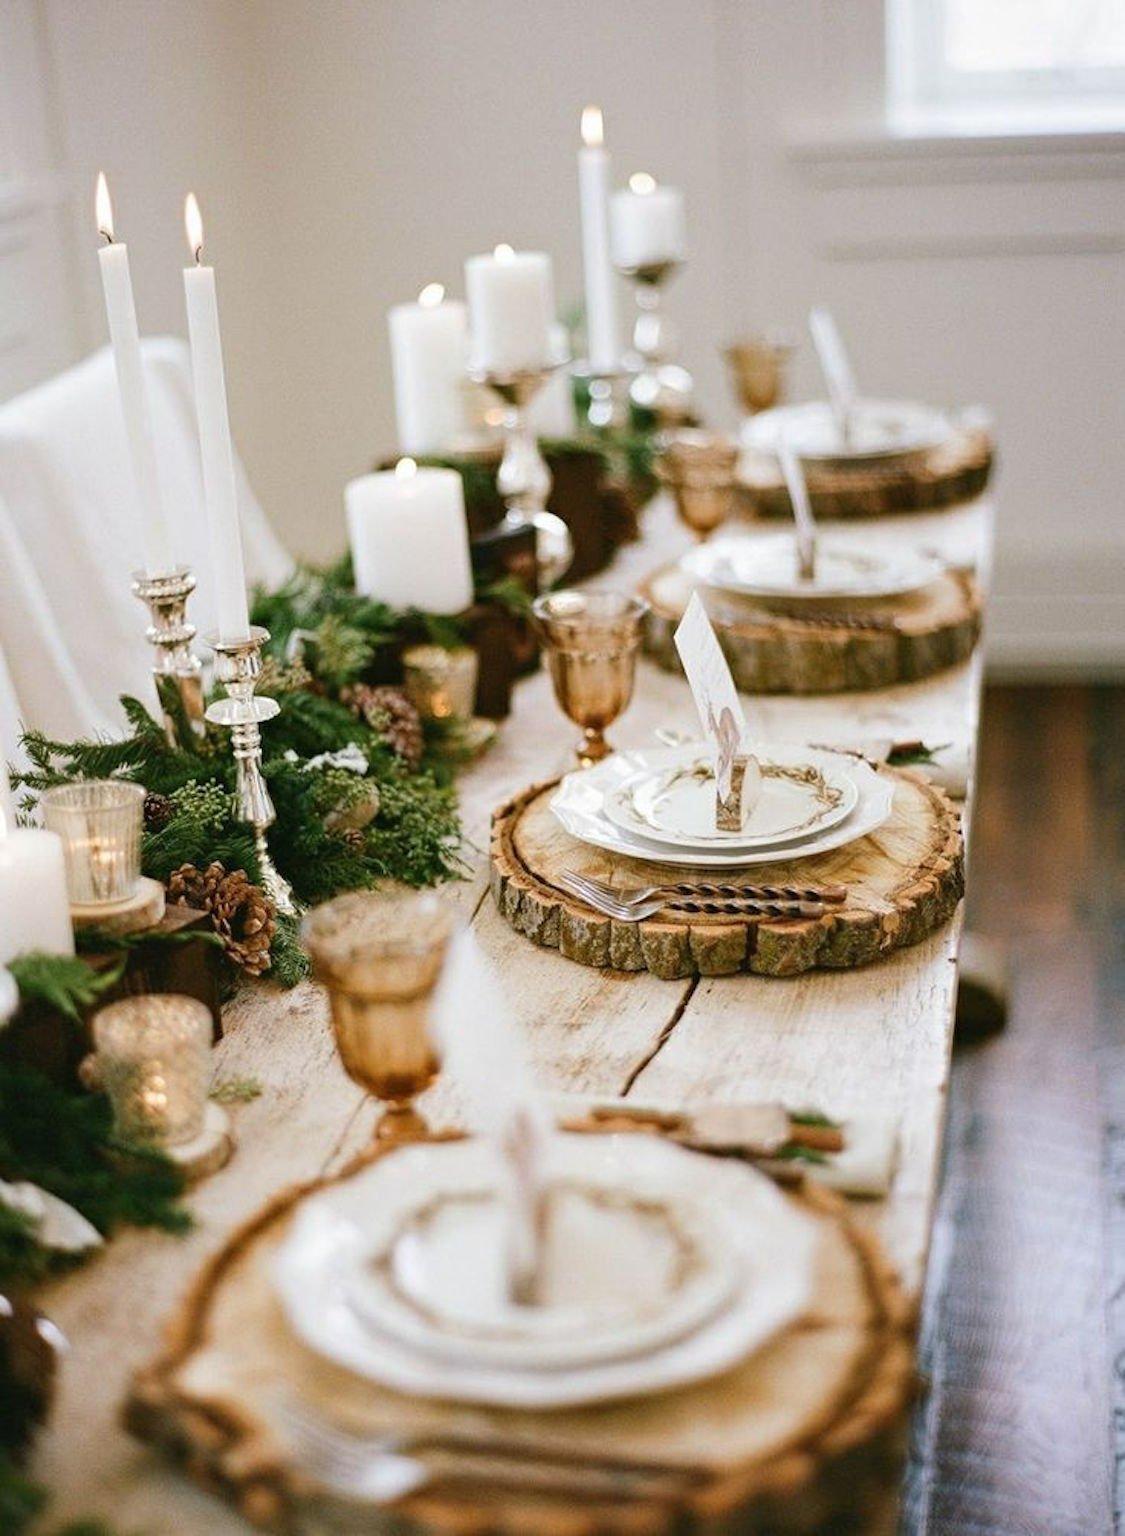 Ideas para decorar tu mesa esta navidad - Decoracion mesas de navidad ...